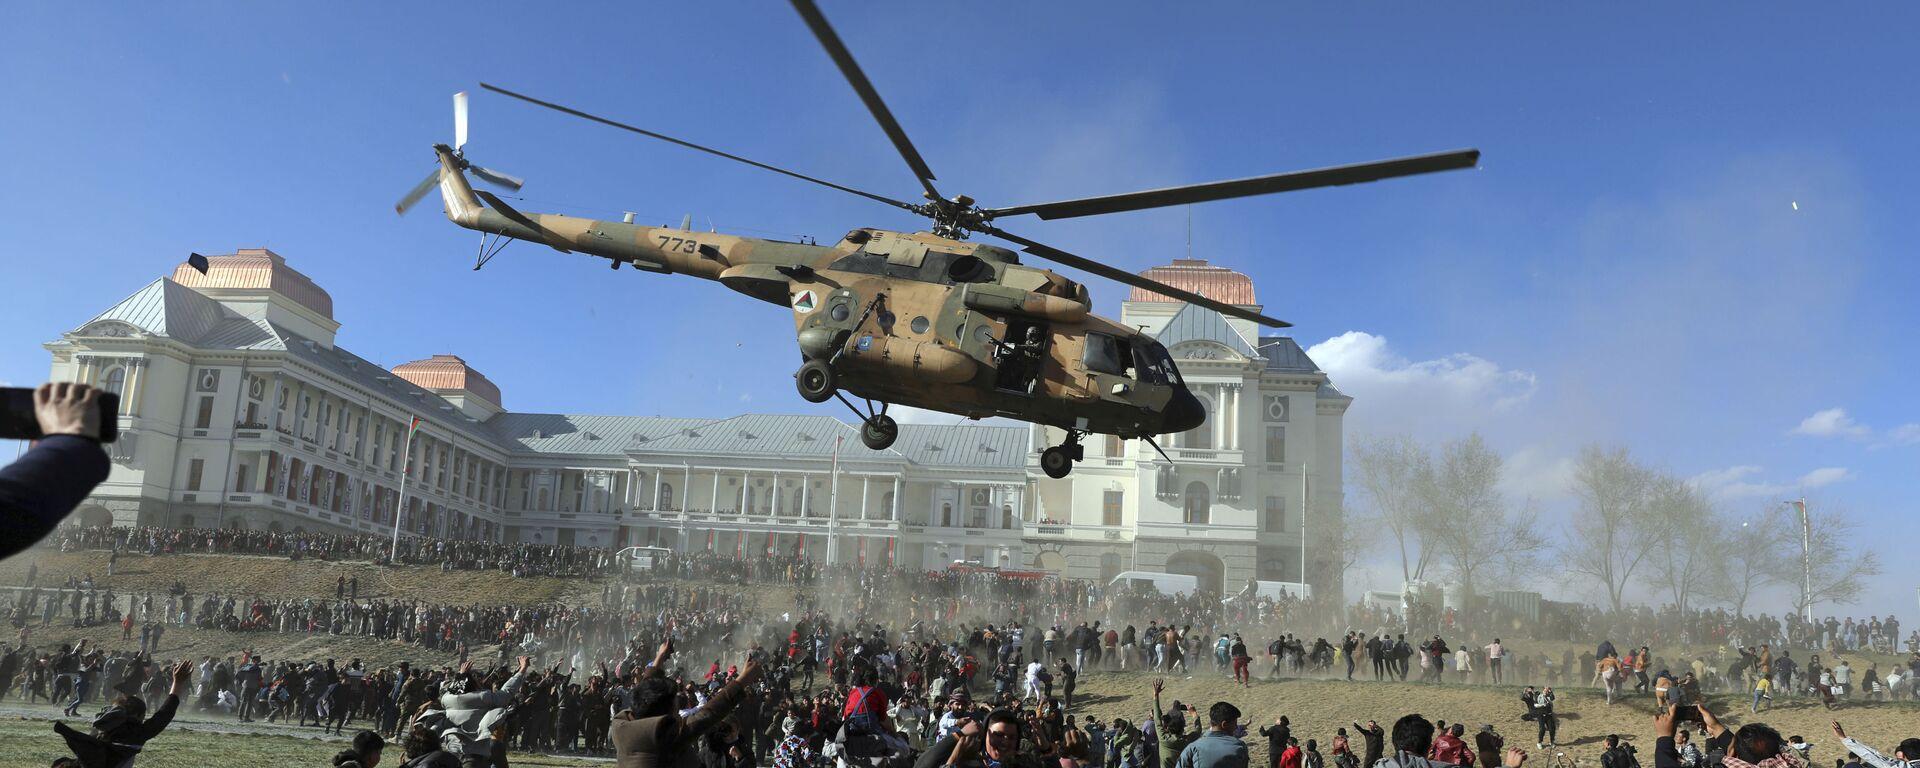 Военный вертолет во время выставки вооружения в Кабуле, Афганистан  - Sputnik Таджикистан, 1920, 30.06.2021